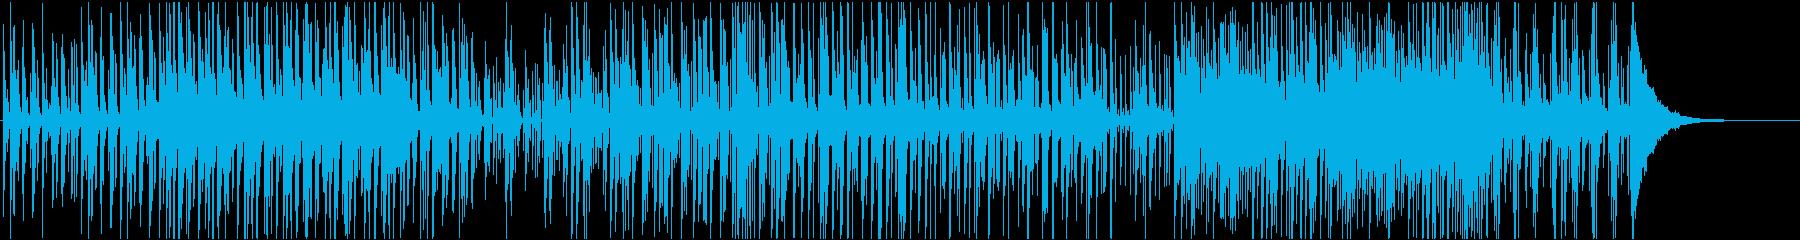 少し加工を加えたドラムの心地よいリズムの再生済みの波形